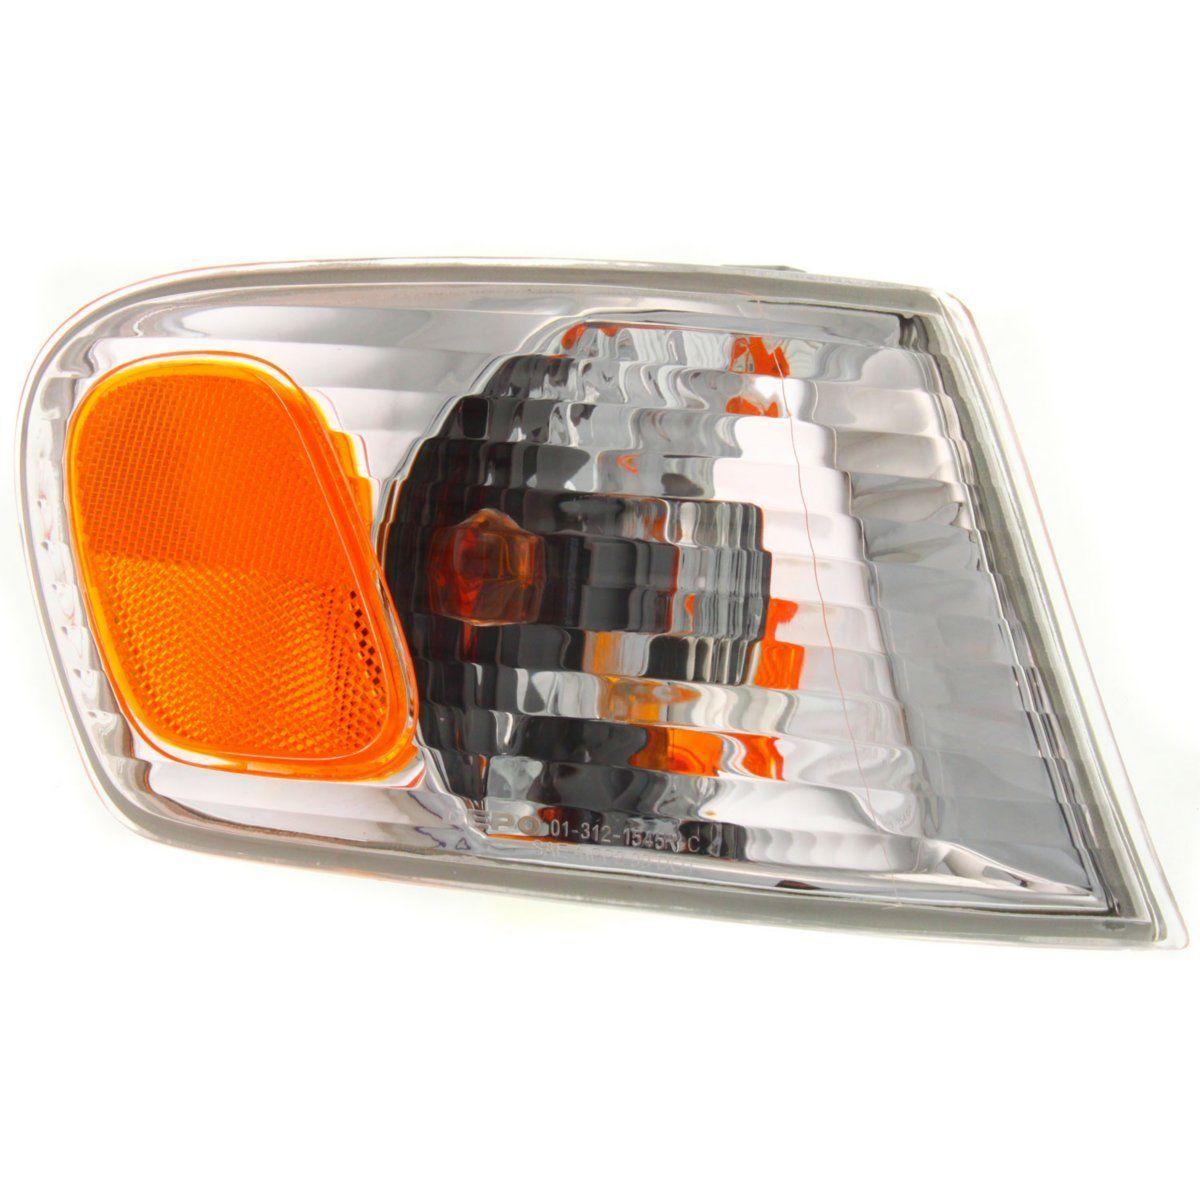 コーナーライト Corner Light For 2001-2002 Toyota Corolla Passenger Incandescent CAPA w/ Bulb コーナーライト2001-2002トヨタカローラの旅客白熱CAPA w /電球